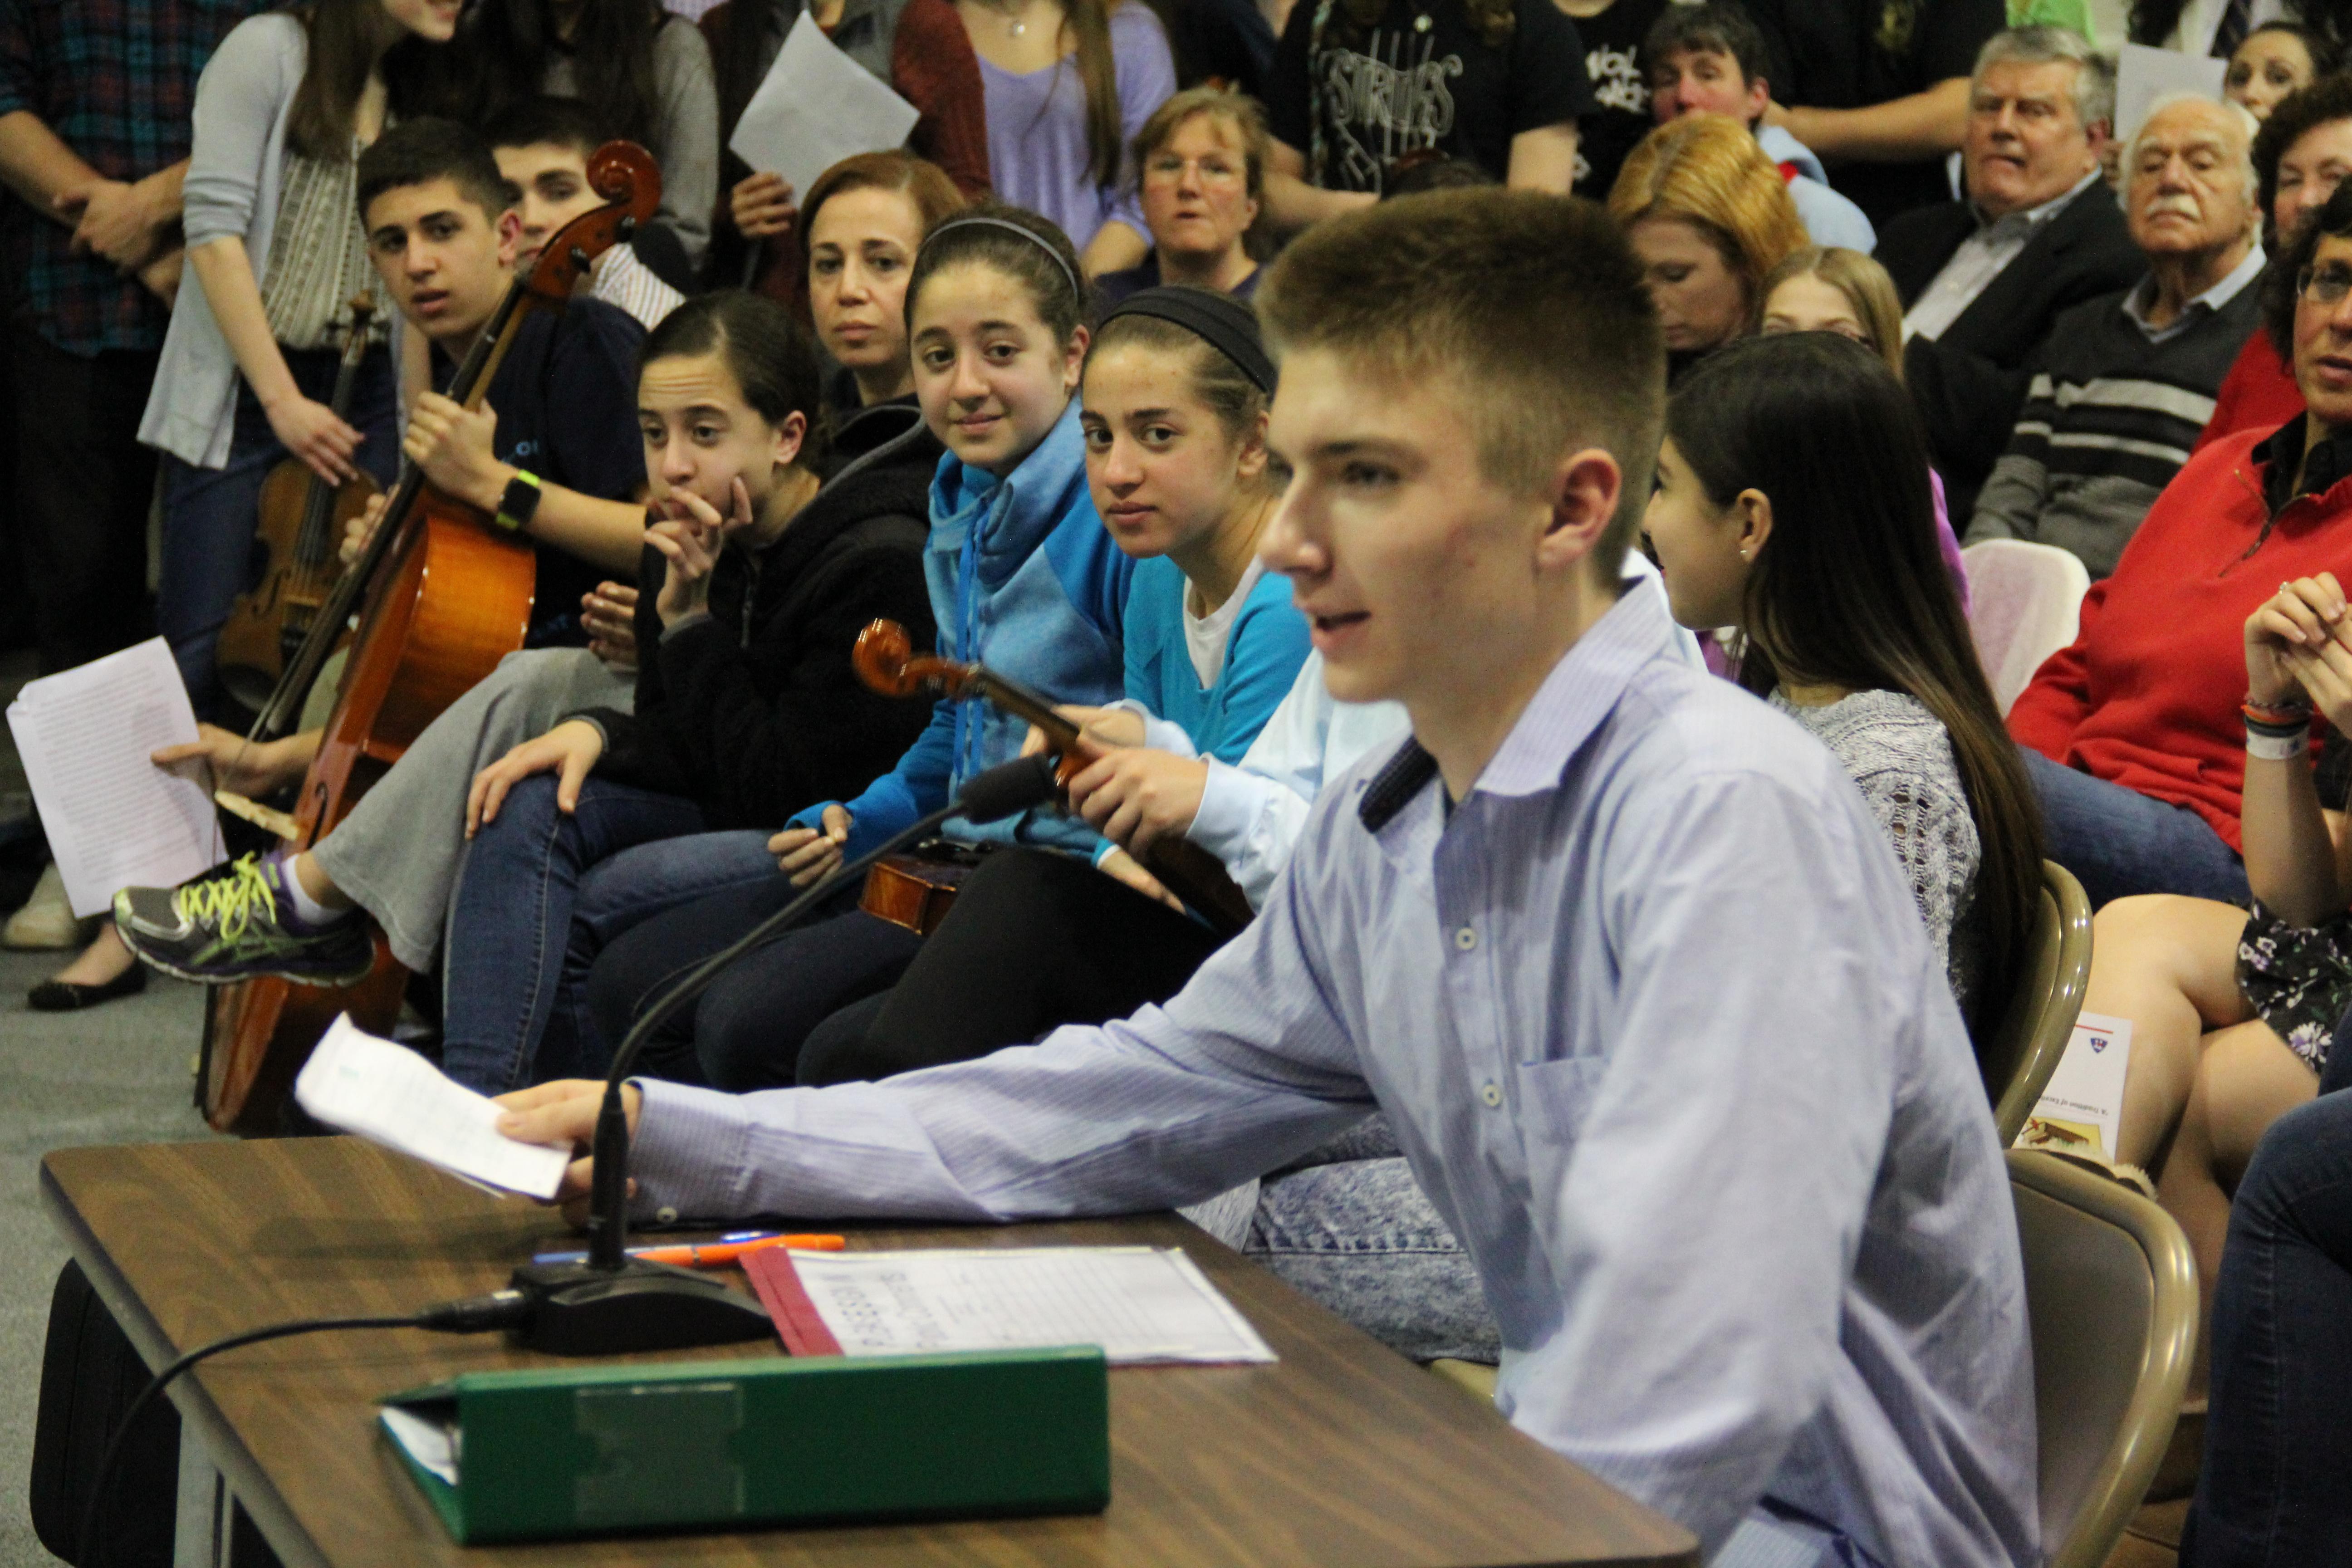 f5519c82b5392c9ad79bIMG2899JPG Sean Schoch Sparta High School Student